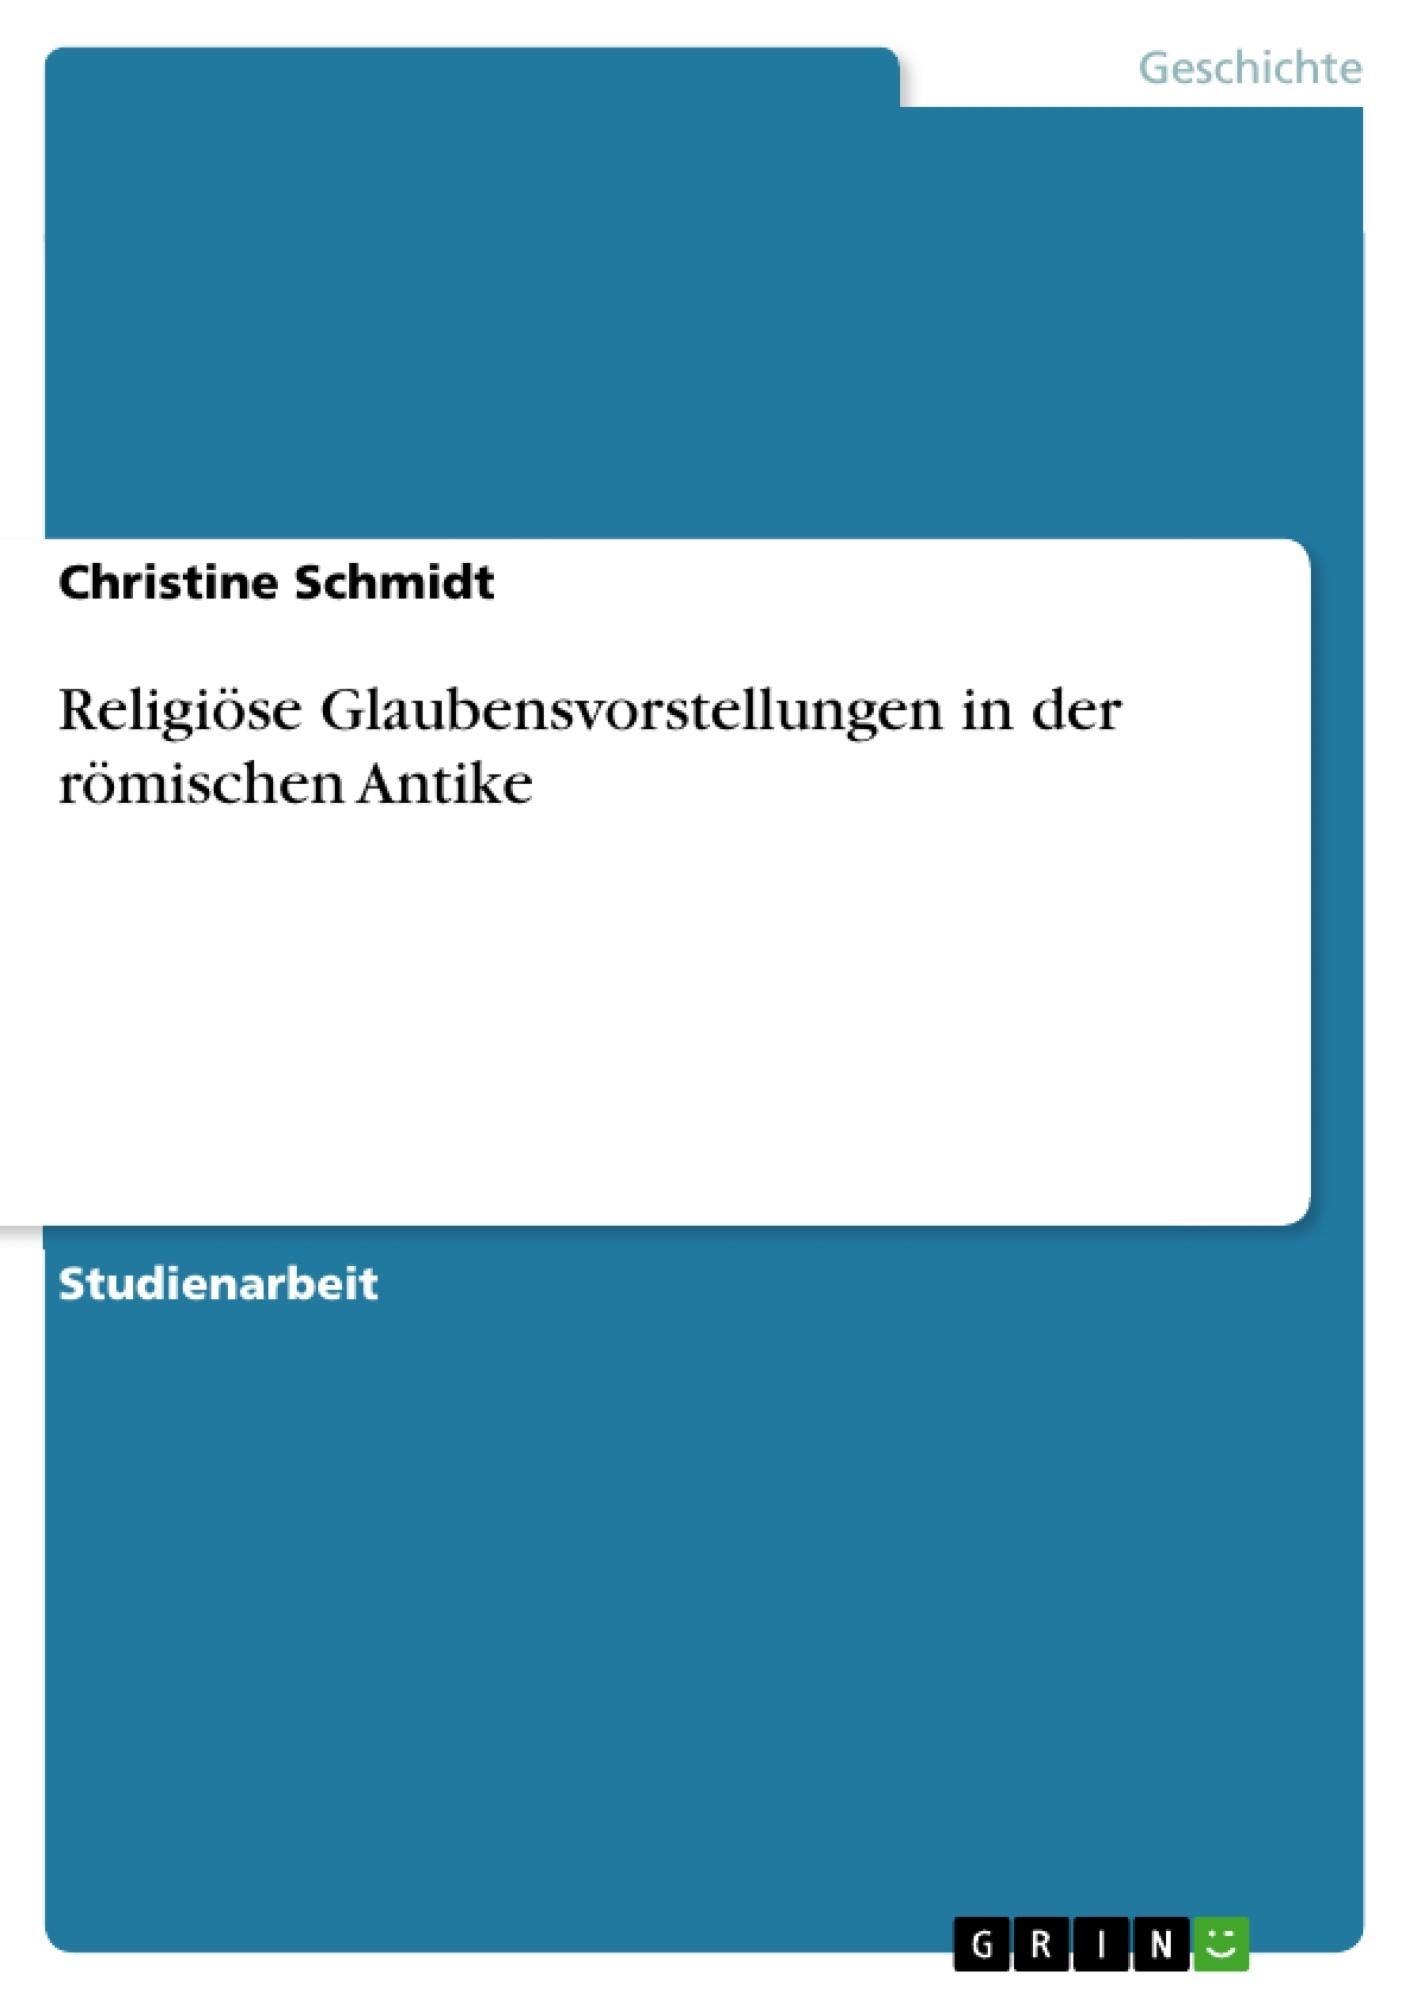 Titel: Religiöse Glaubensvorstellungen in der römischen Antike